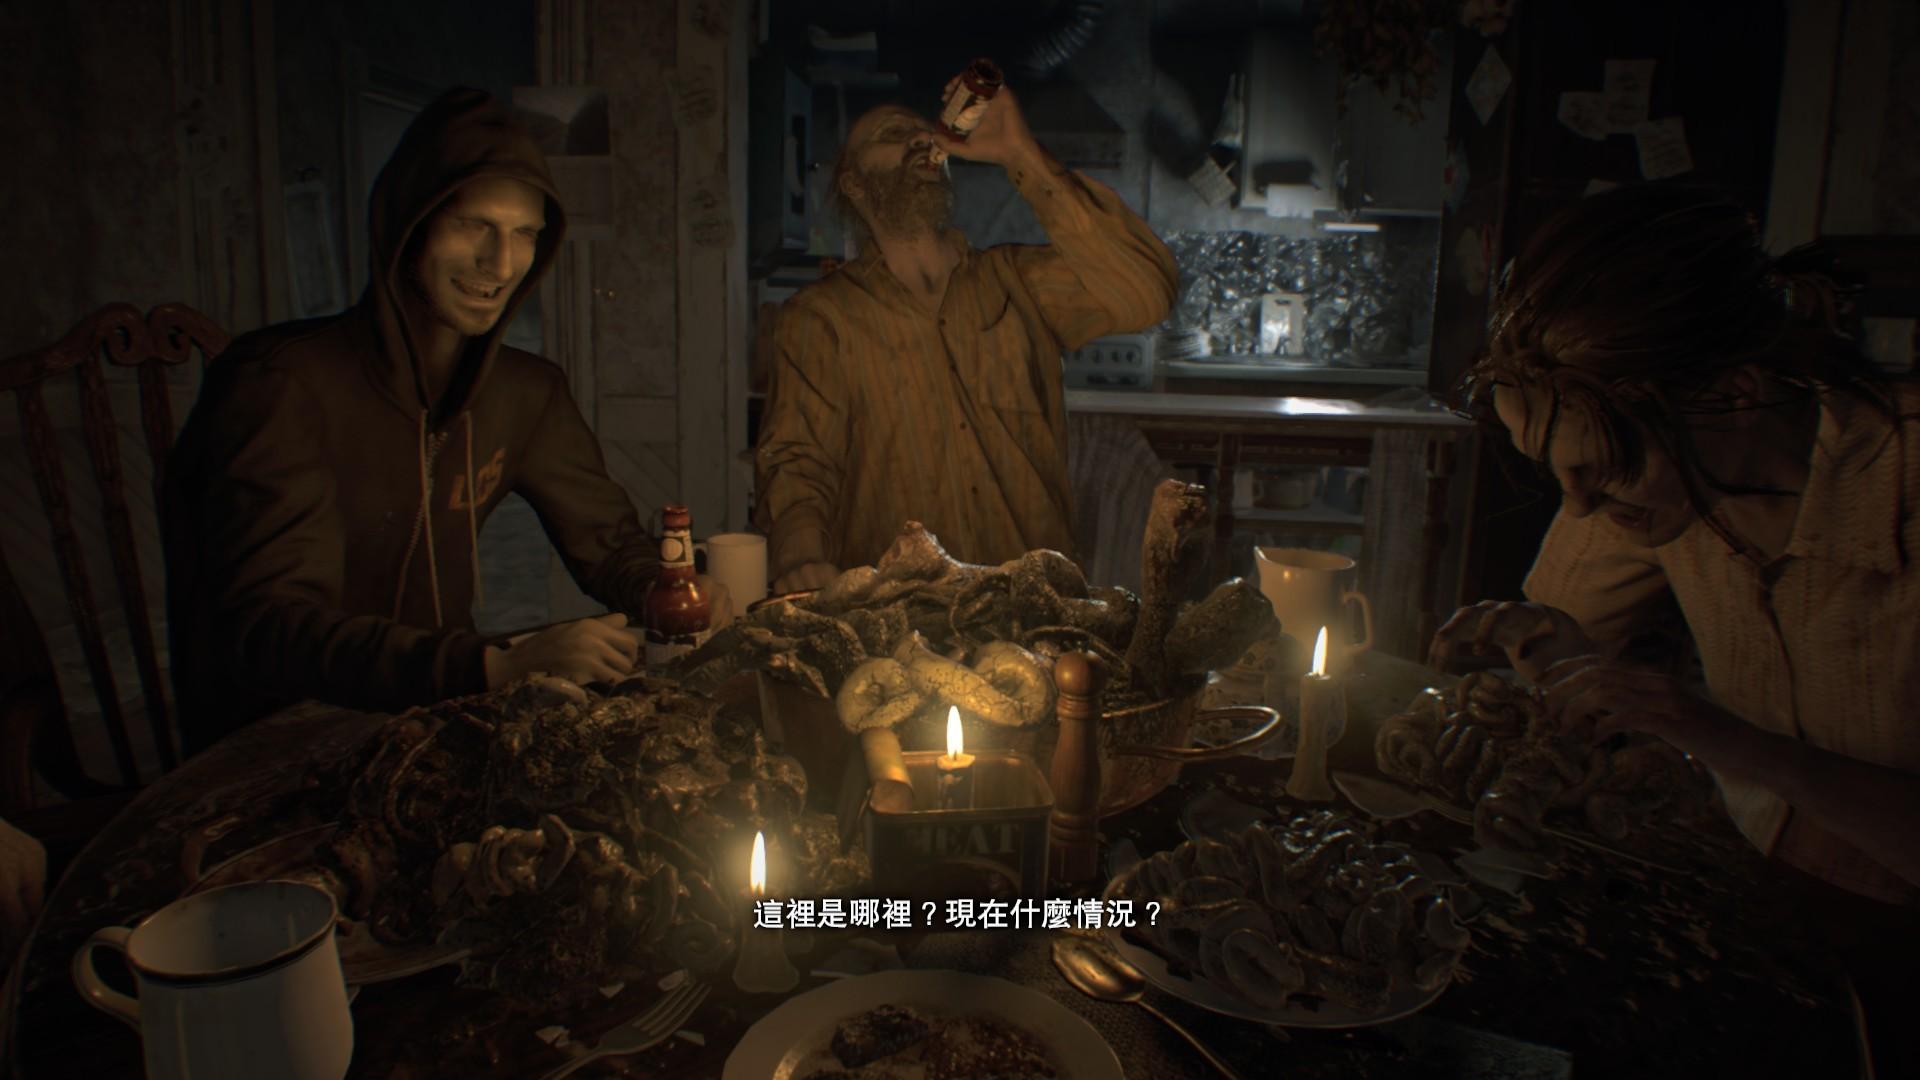 游戏《恶灵古堡7》最不像生化危机系列的大胆创新 (20)